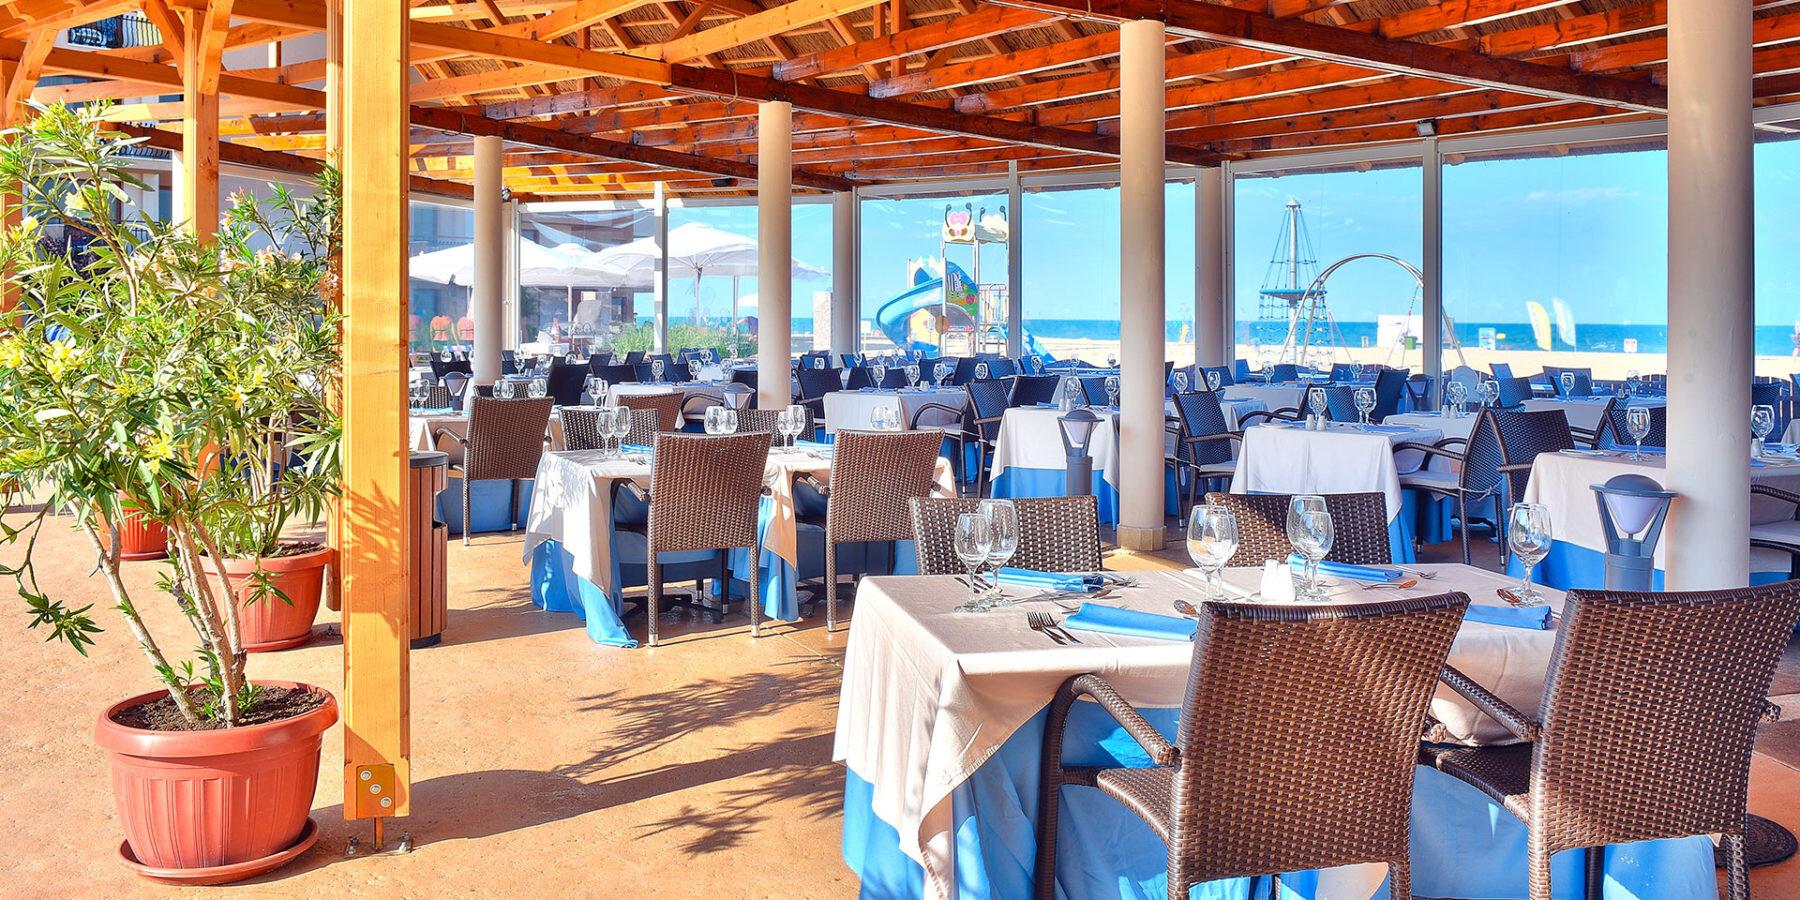 Хотел Мирамар 4* - a la cart ресторант